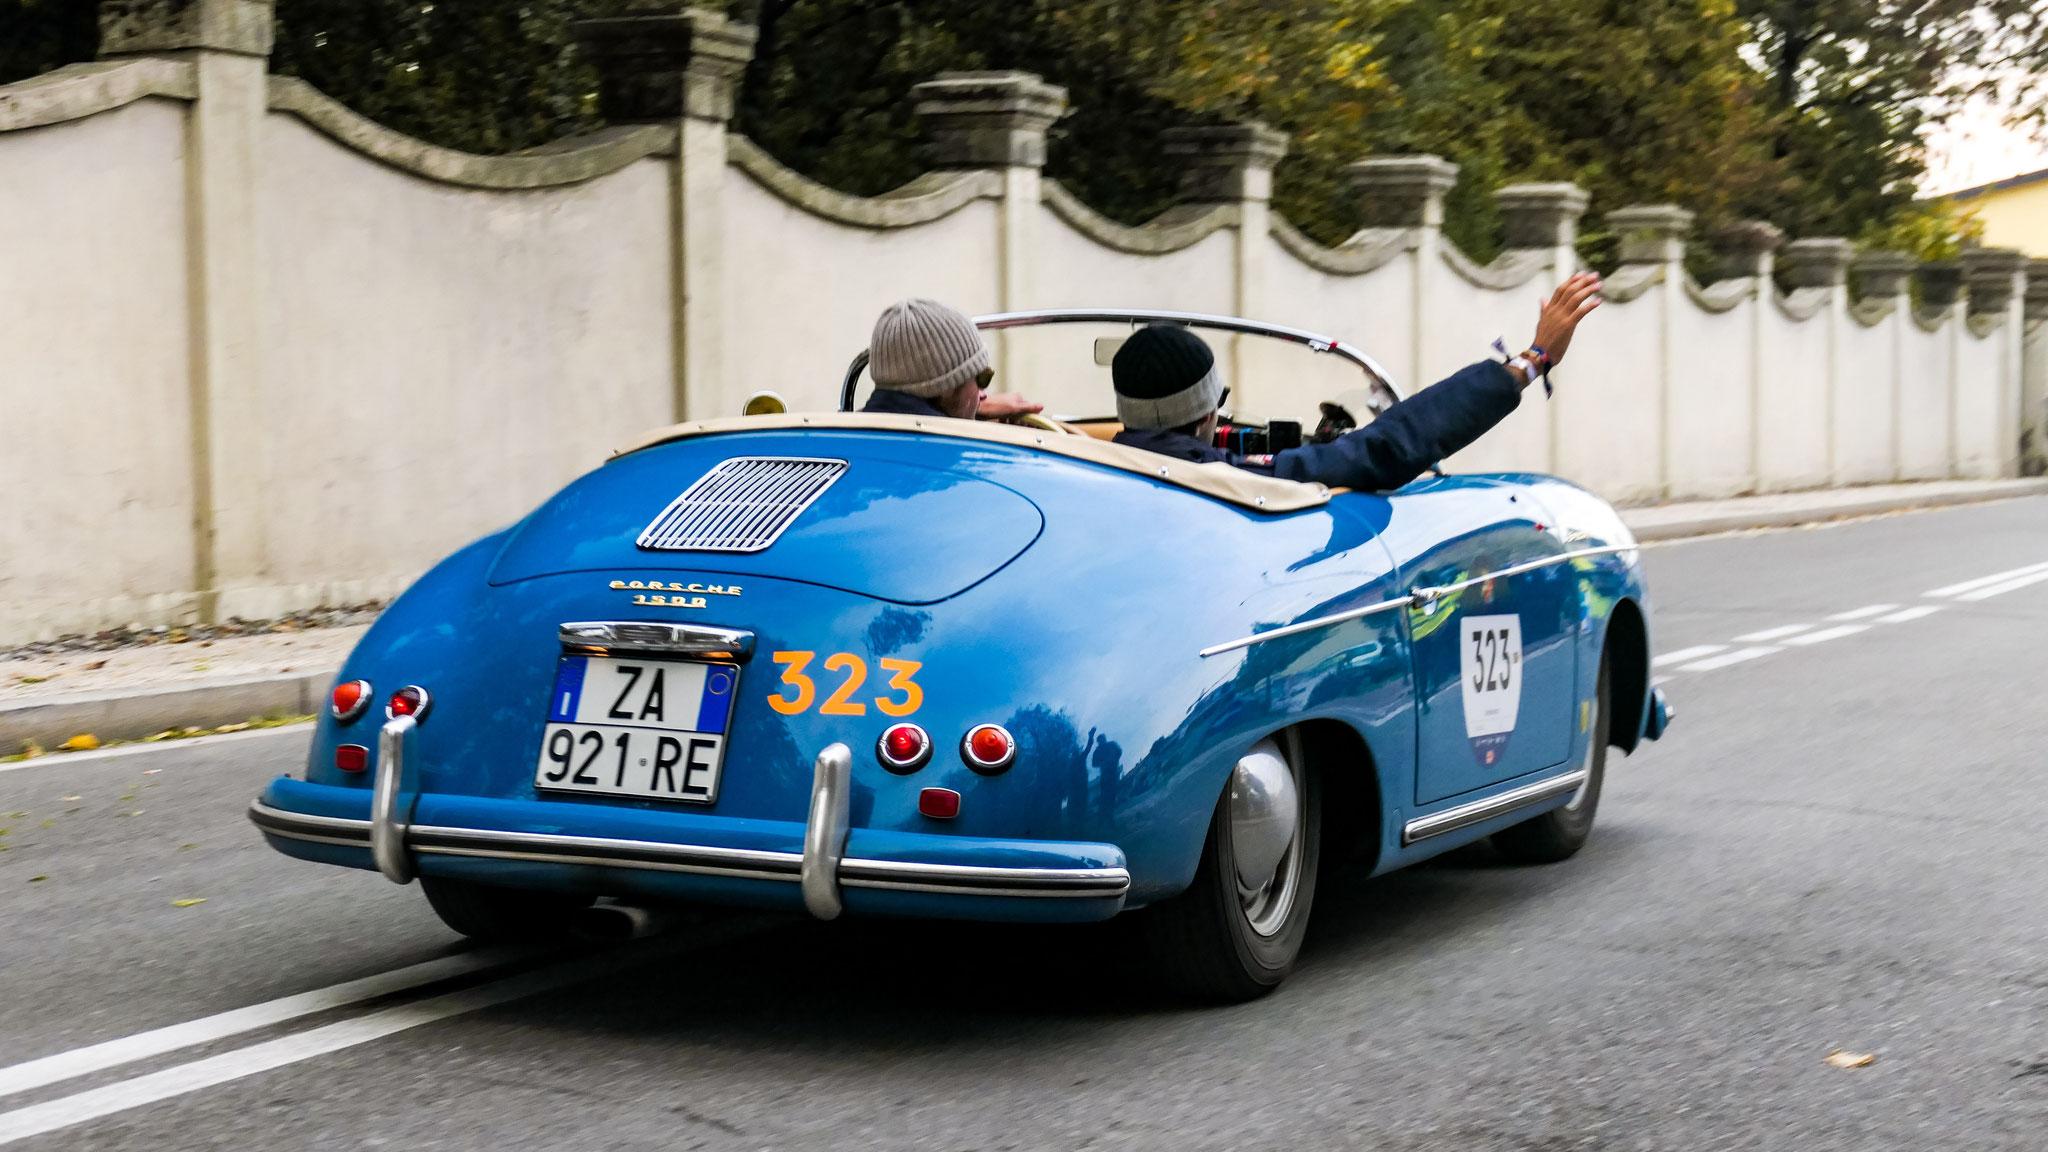 Porsche 356 1500 Speedster - ZA-921-RE (ITA)